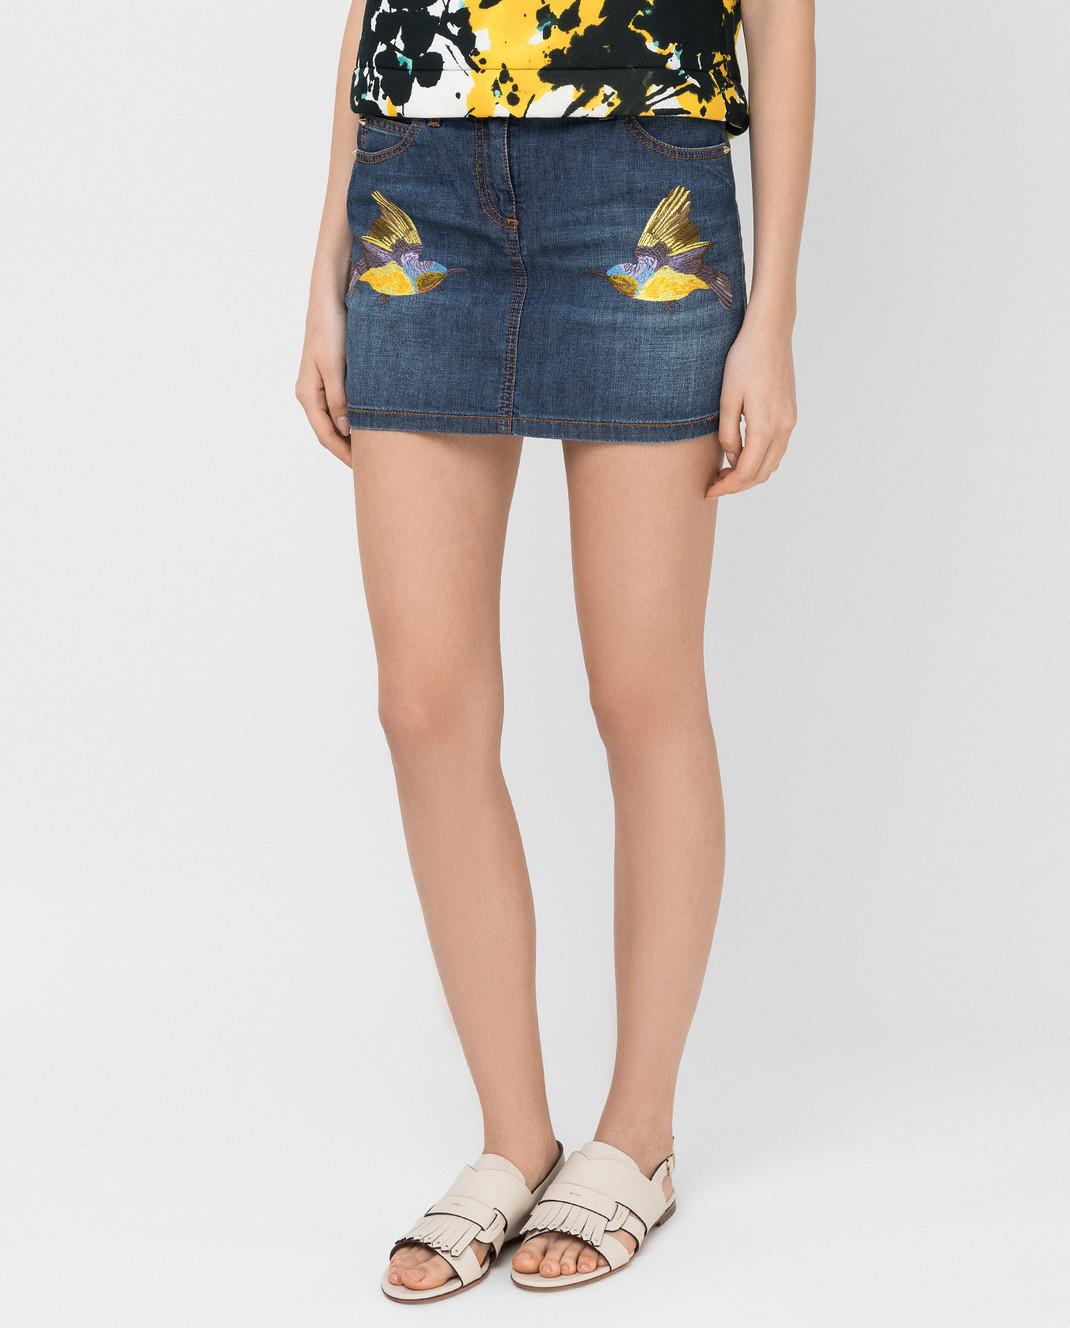 Roberto Cavalli Синяя джинсовая юбка CQJ320 изображение 3